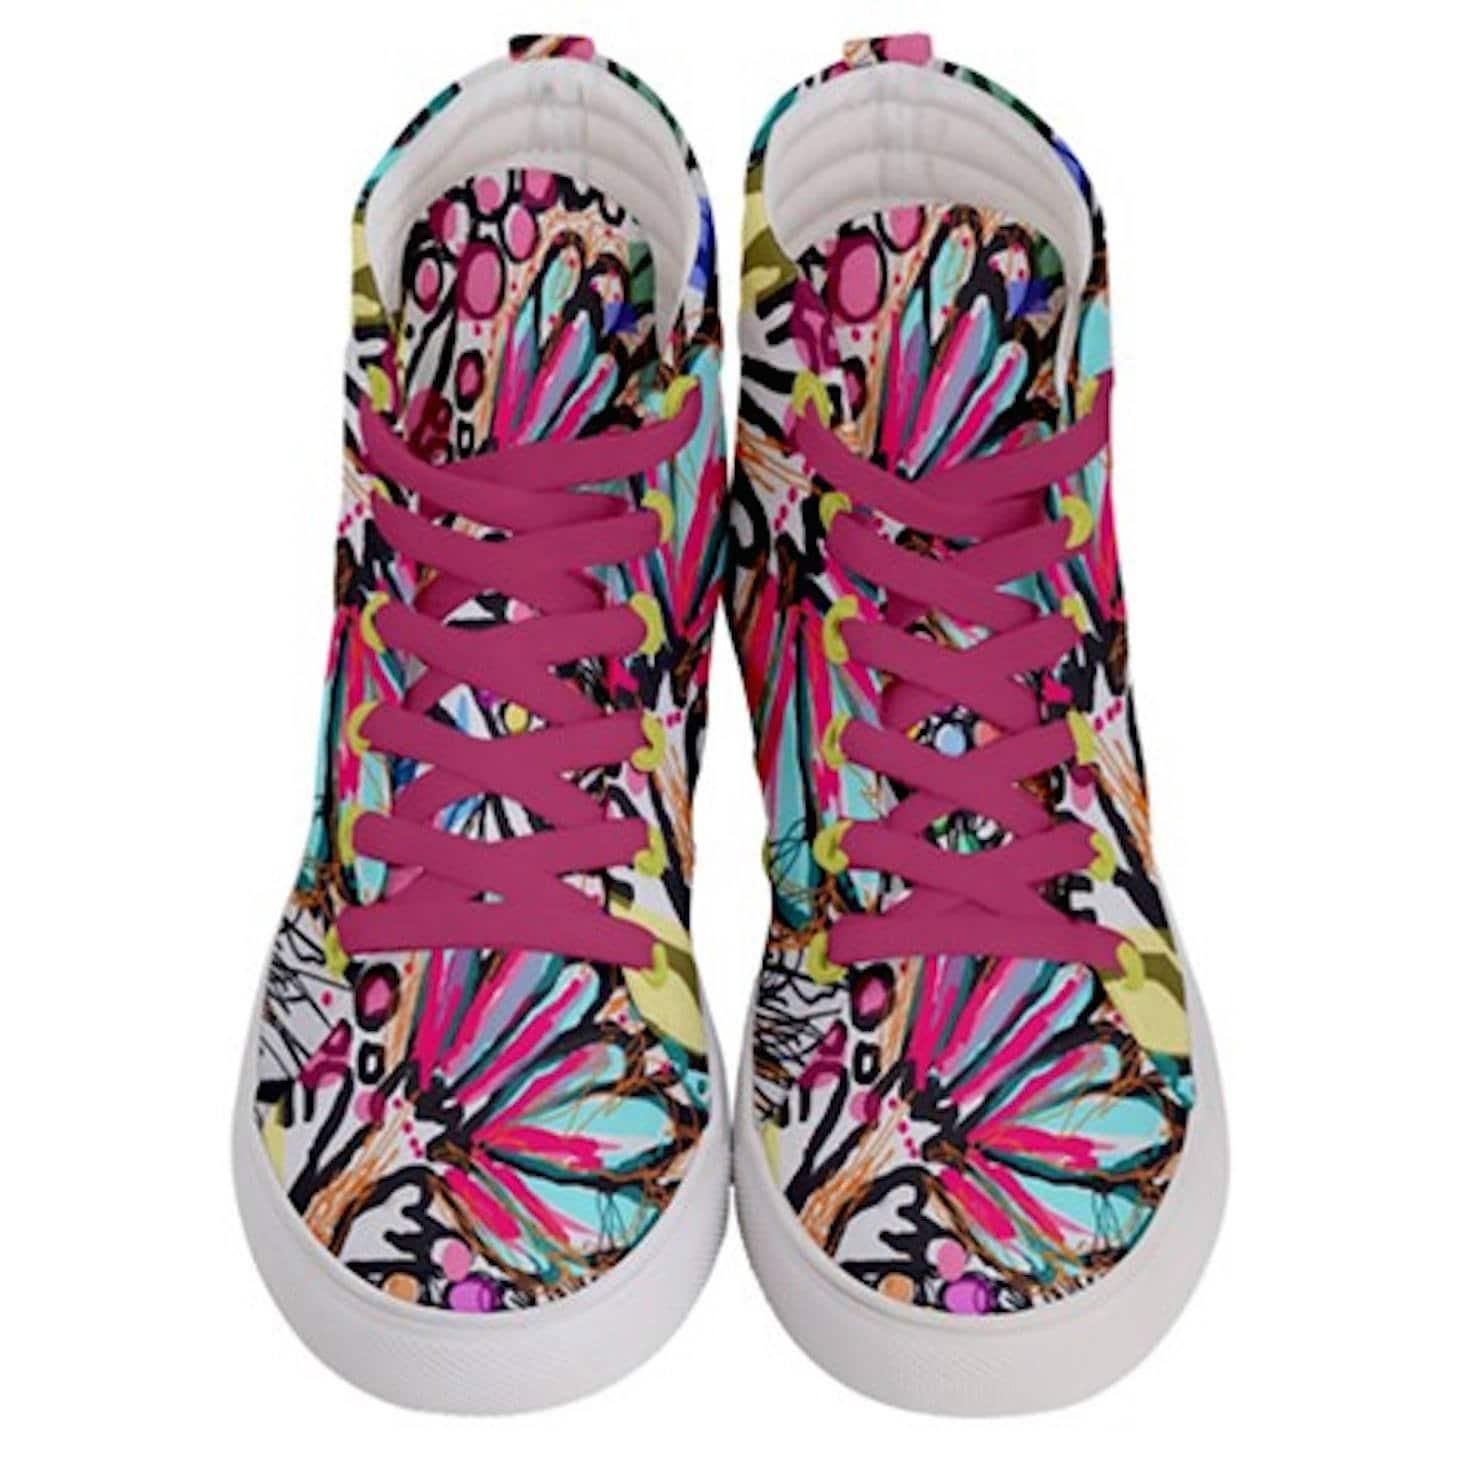 De Modernes Sport Hi Skate Dessin Couleur Femme Chaussures Wqa6xbw Top qCqWE8Rw4